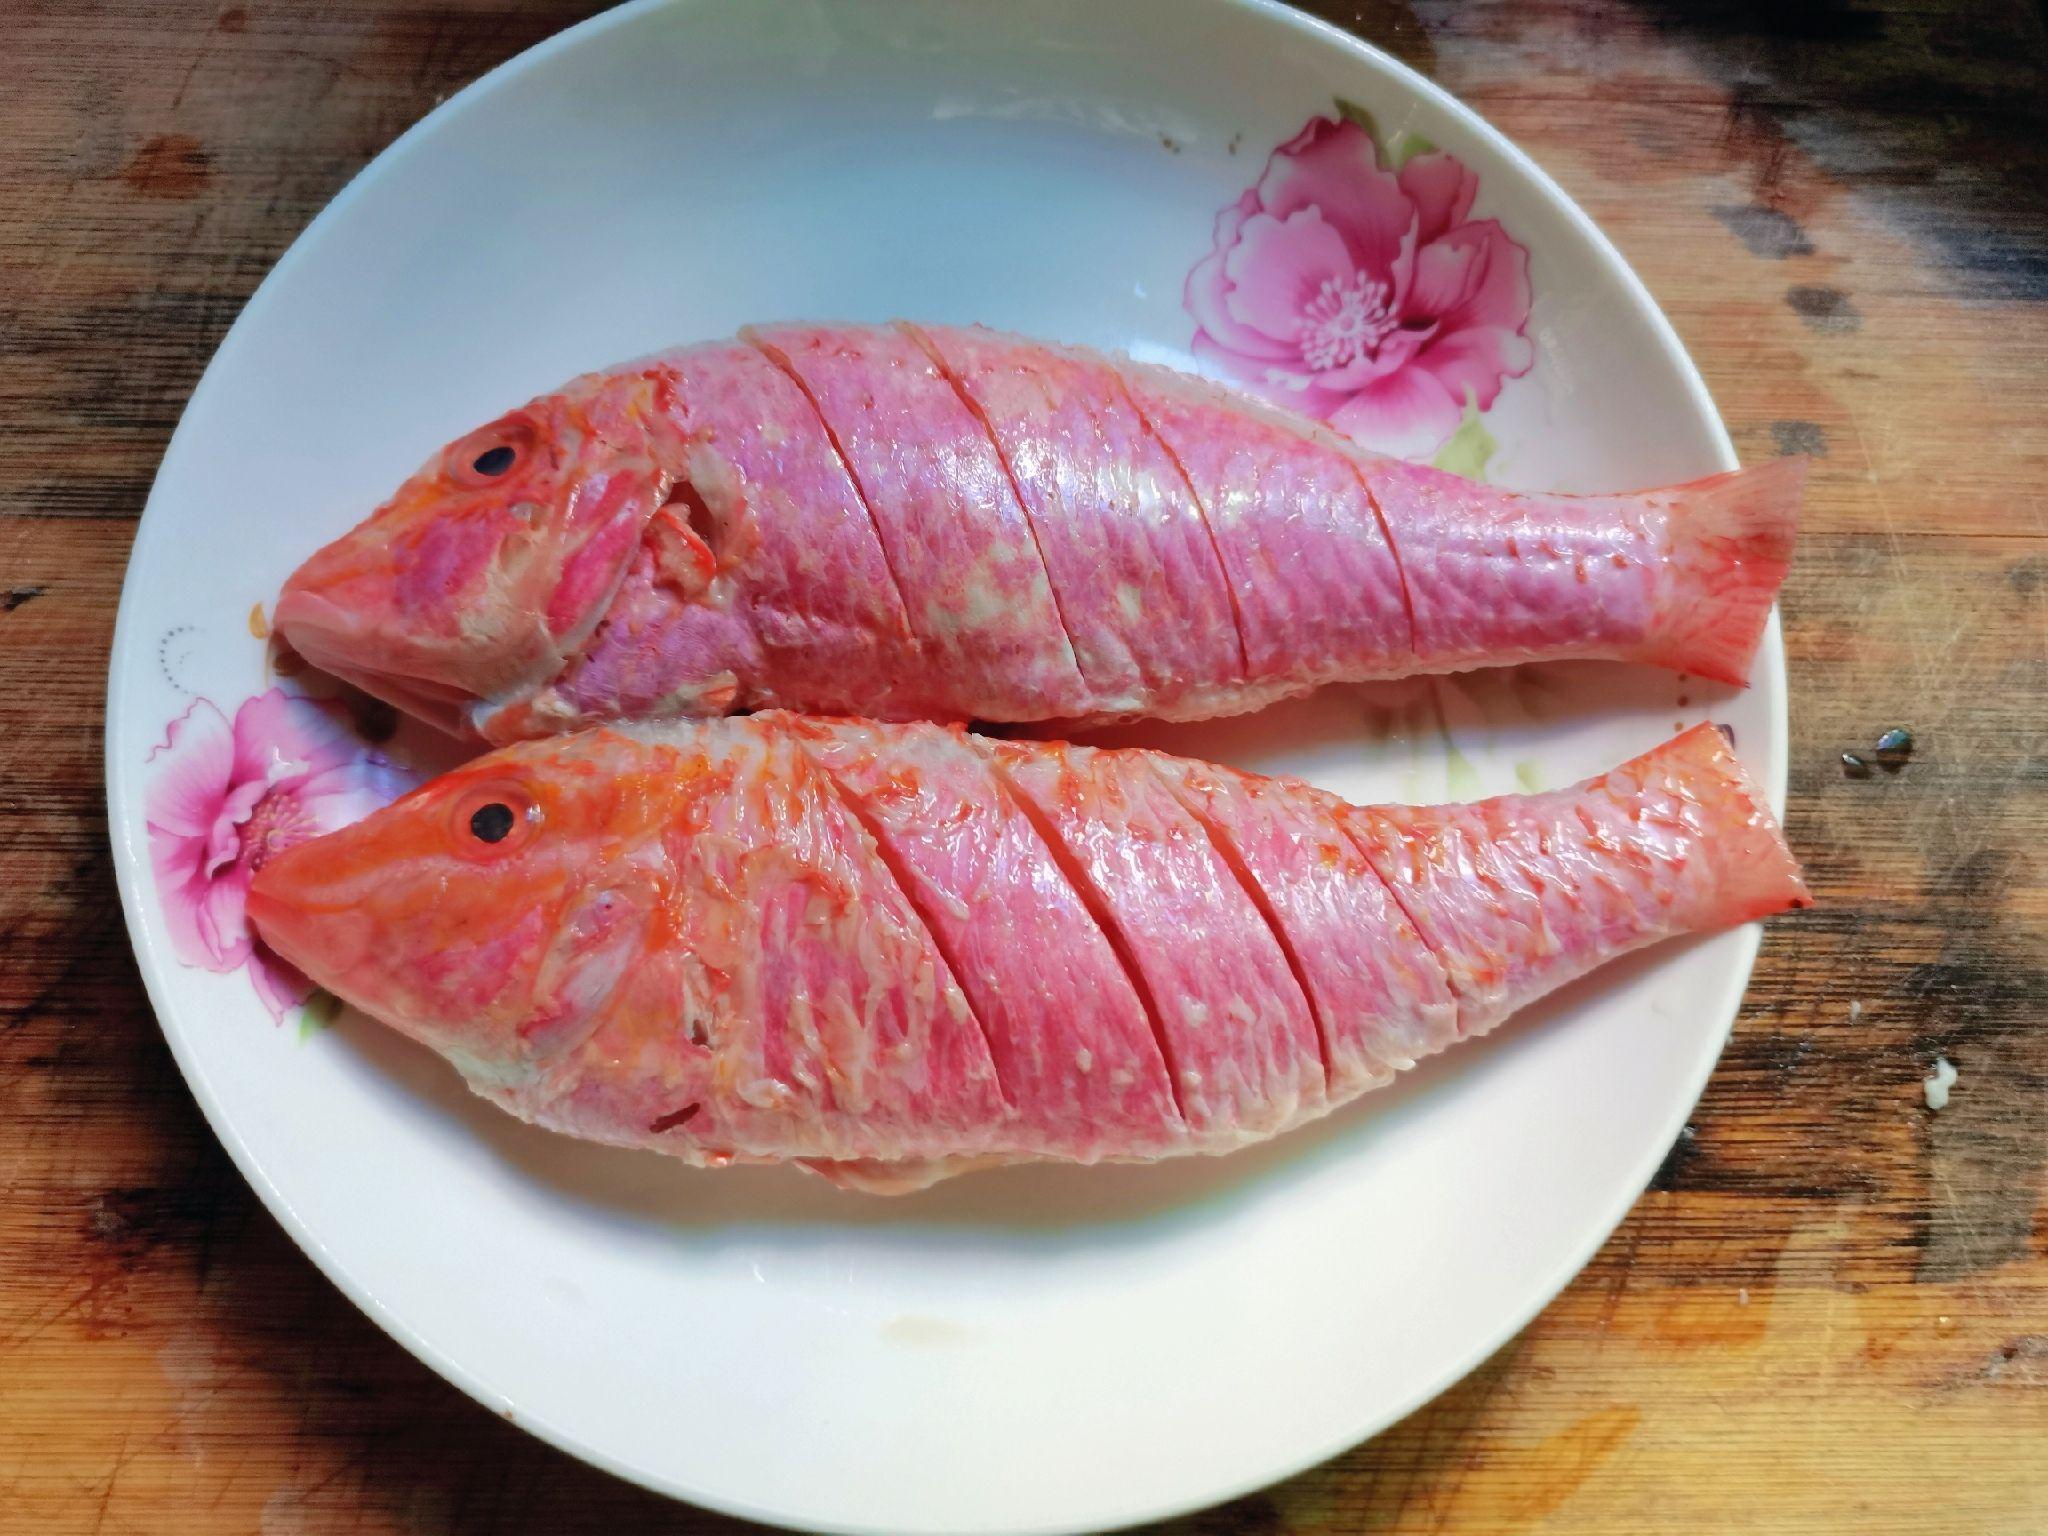 清蒸红衫鱼的做法图解